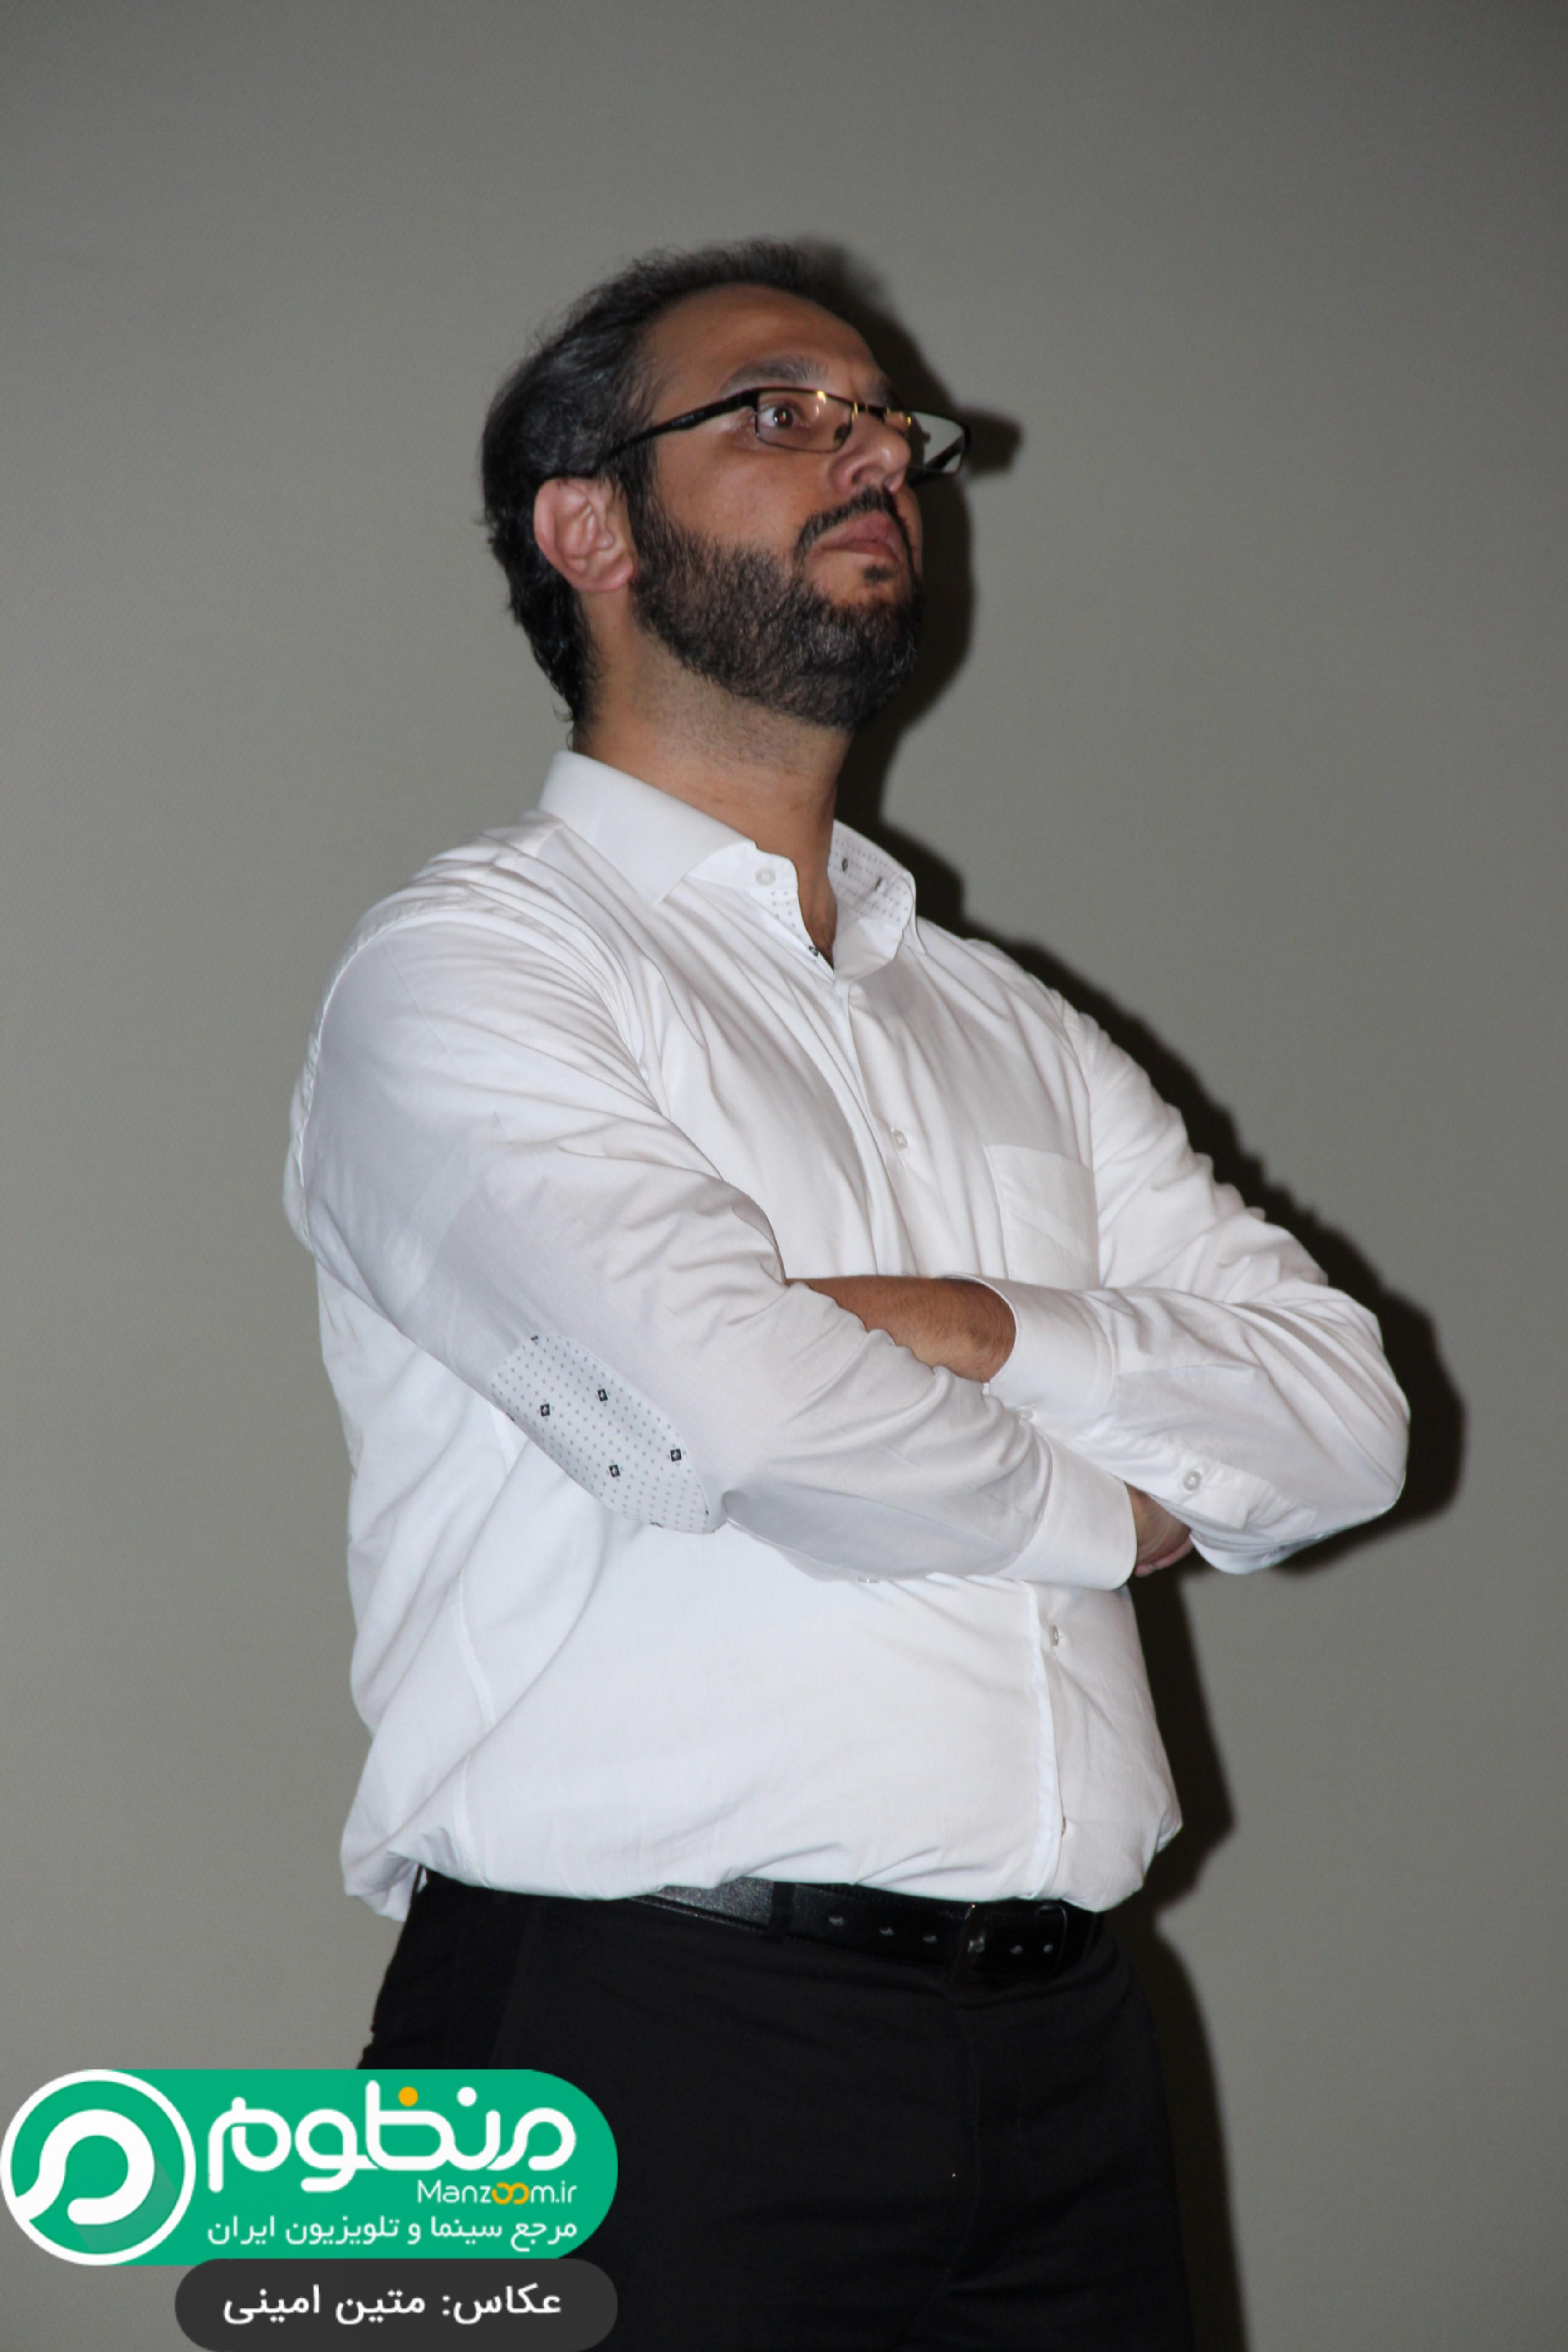 محمدرضا شفاه در افتتاحیه فیلم 21 روز بعد